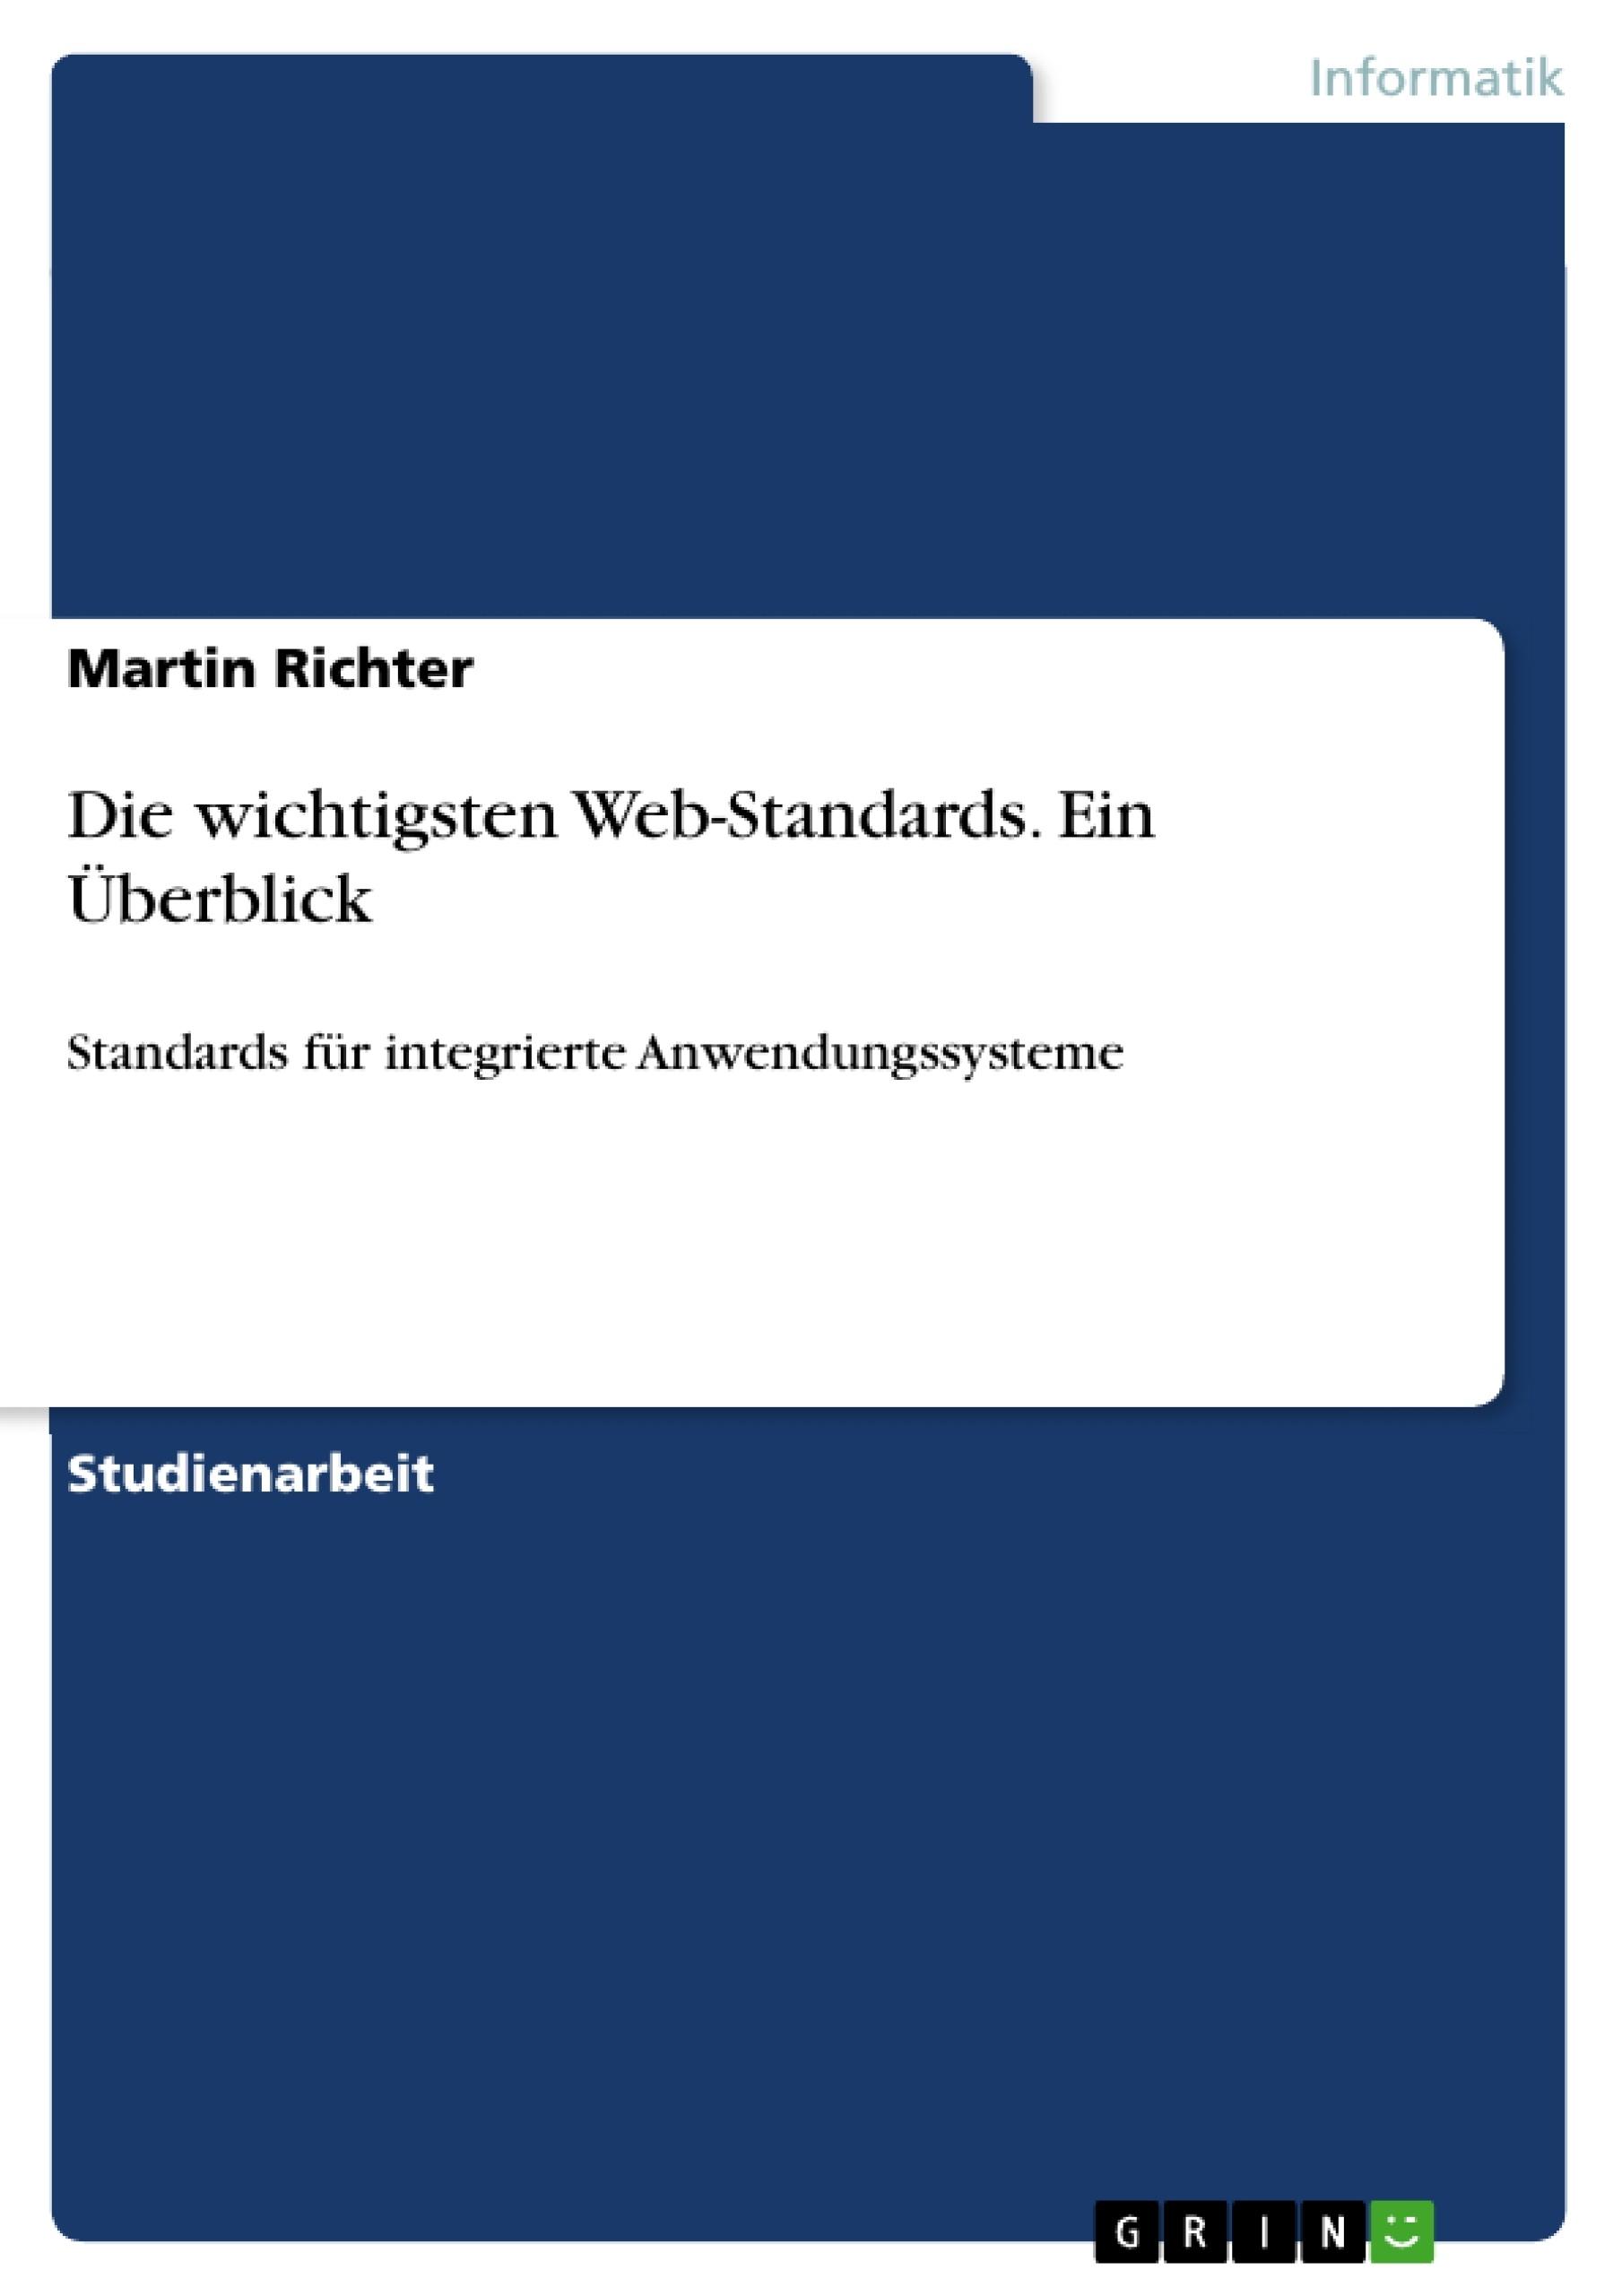 Titel: Die wichtigsten Web-Standards. Ein Überblick